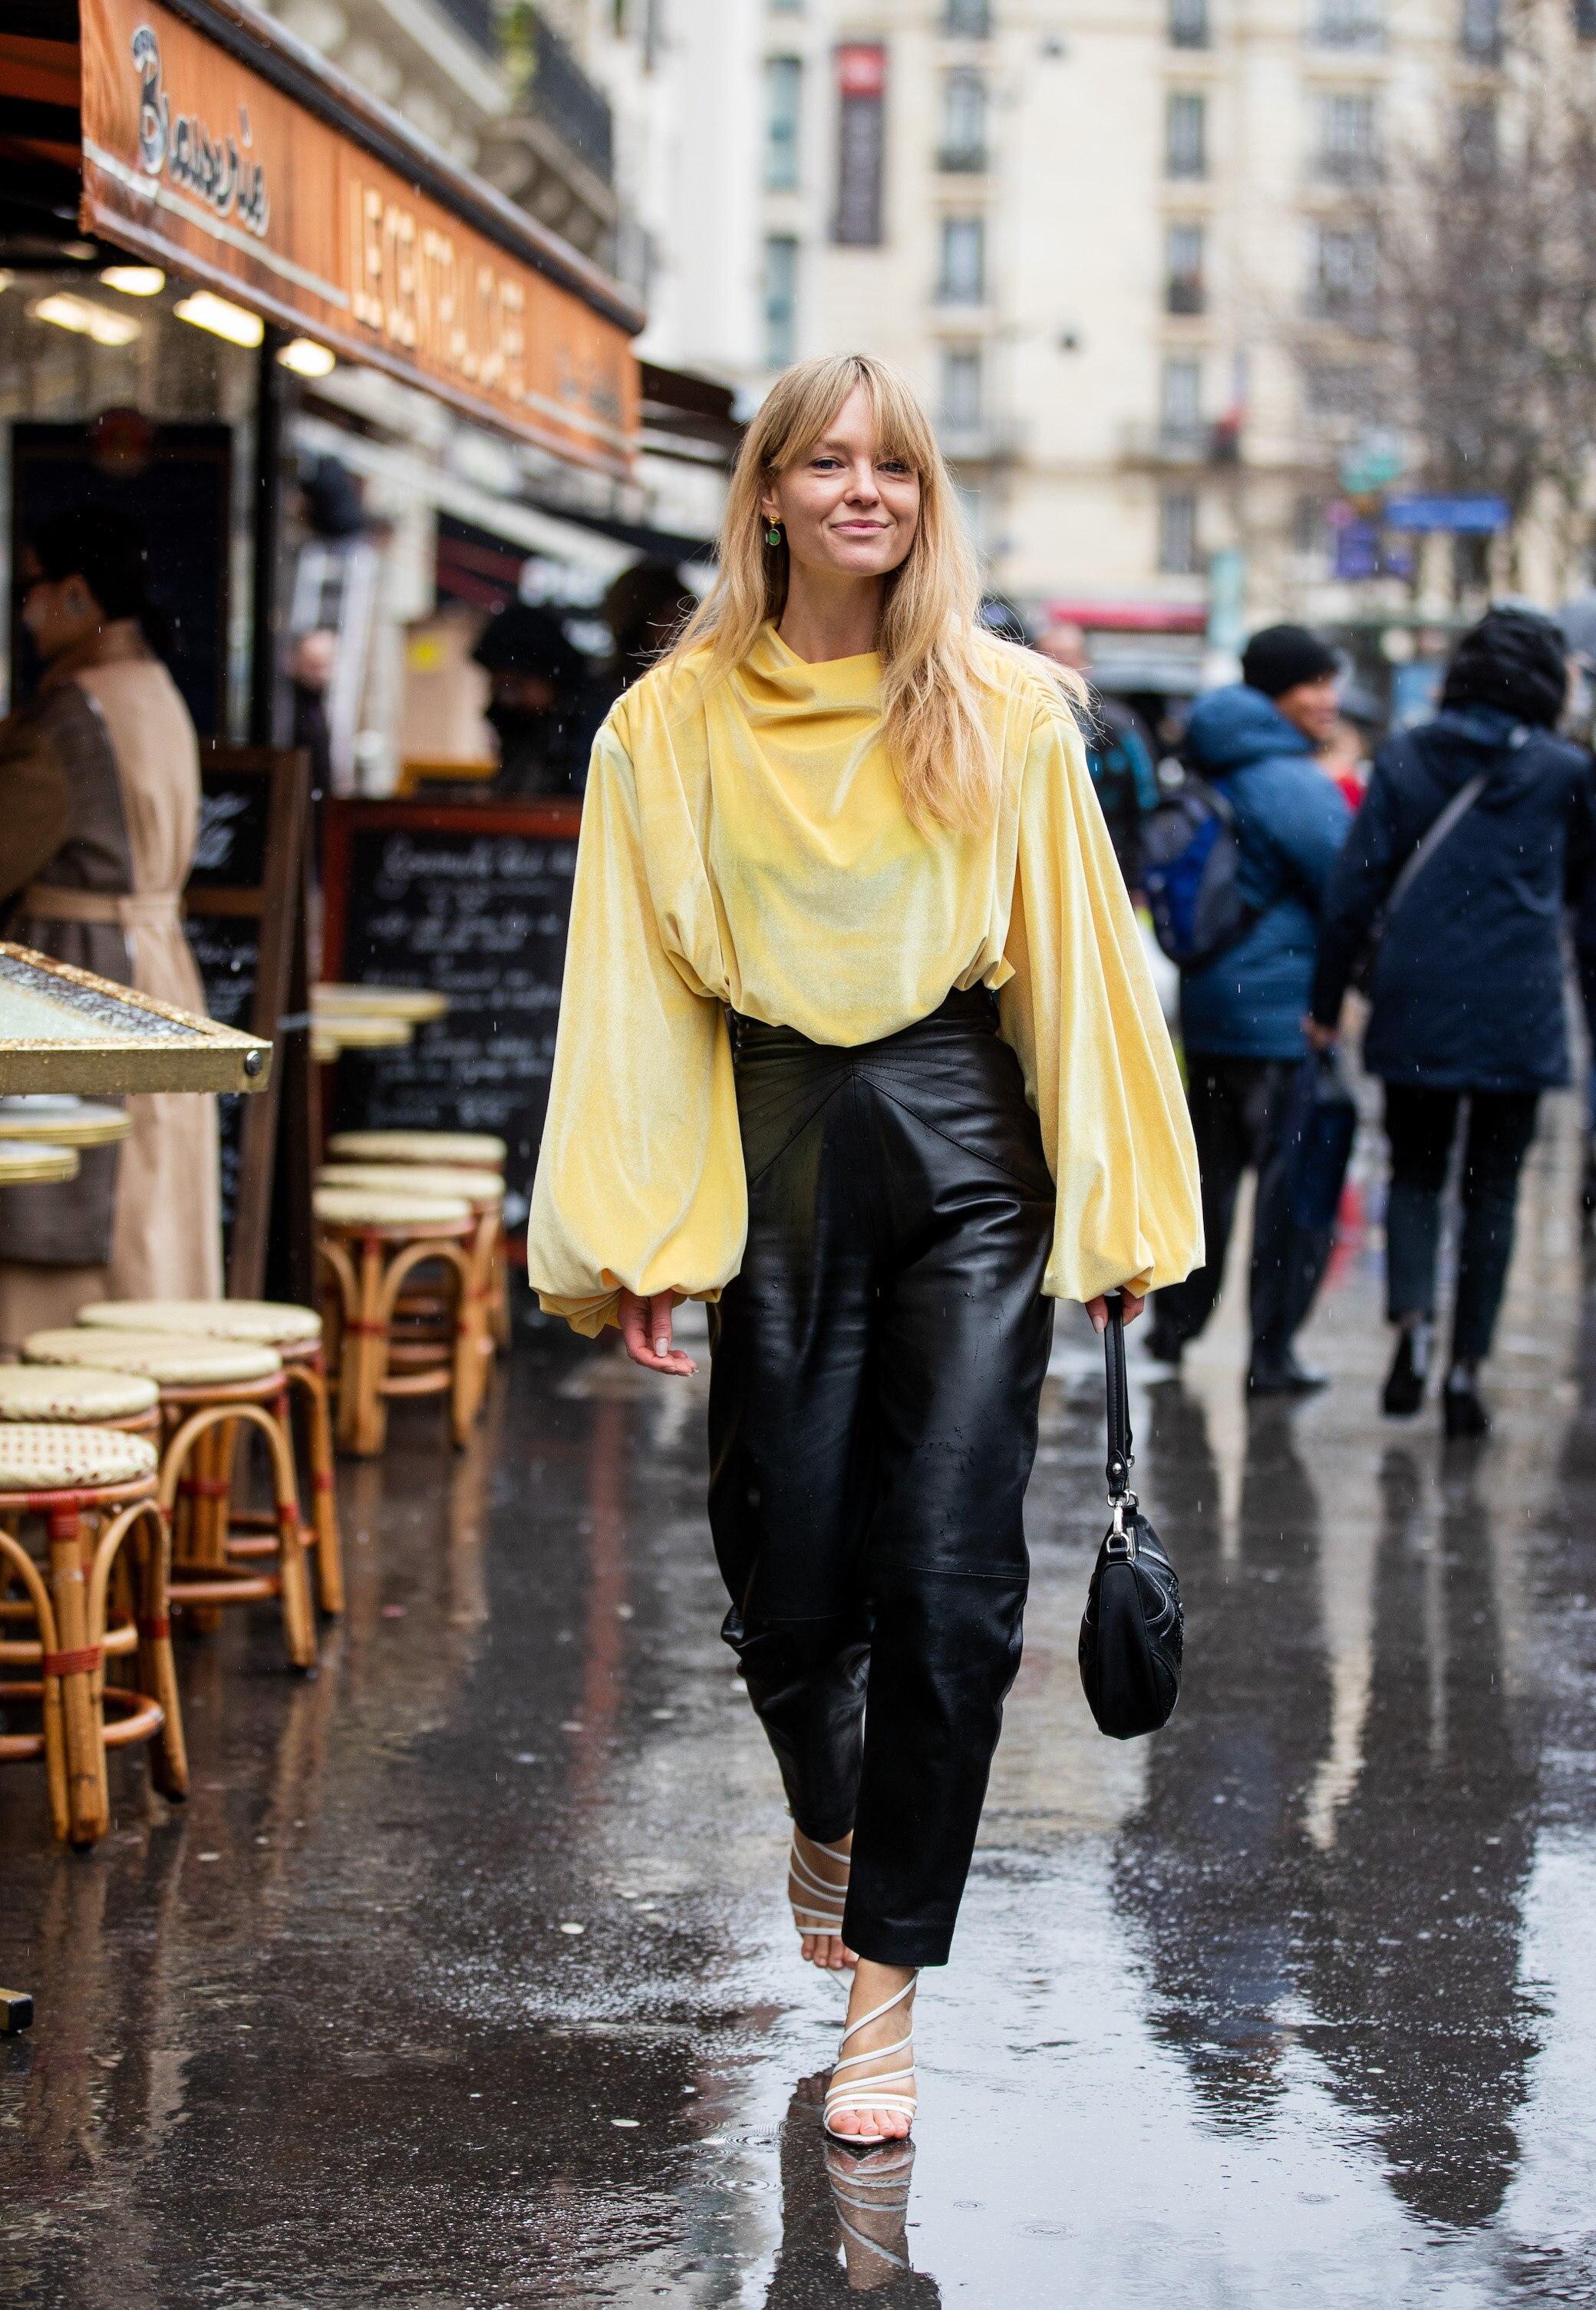 Frau in gelber Bluse